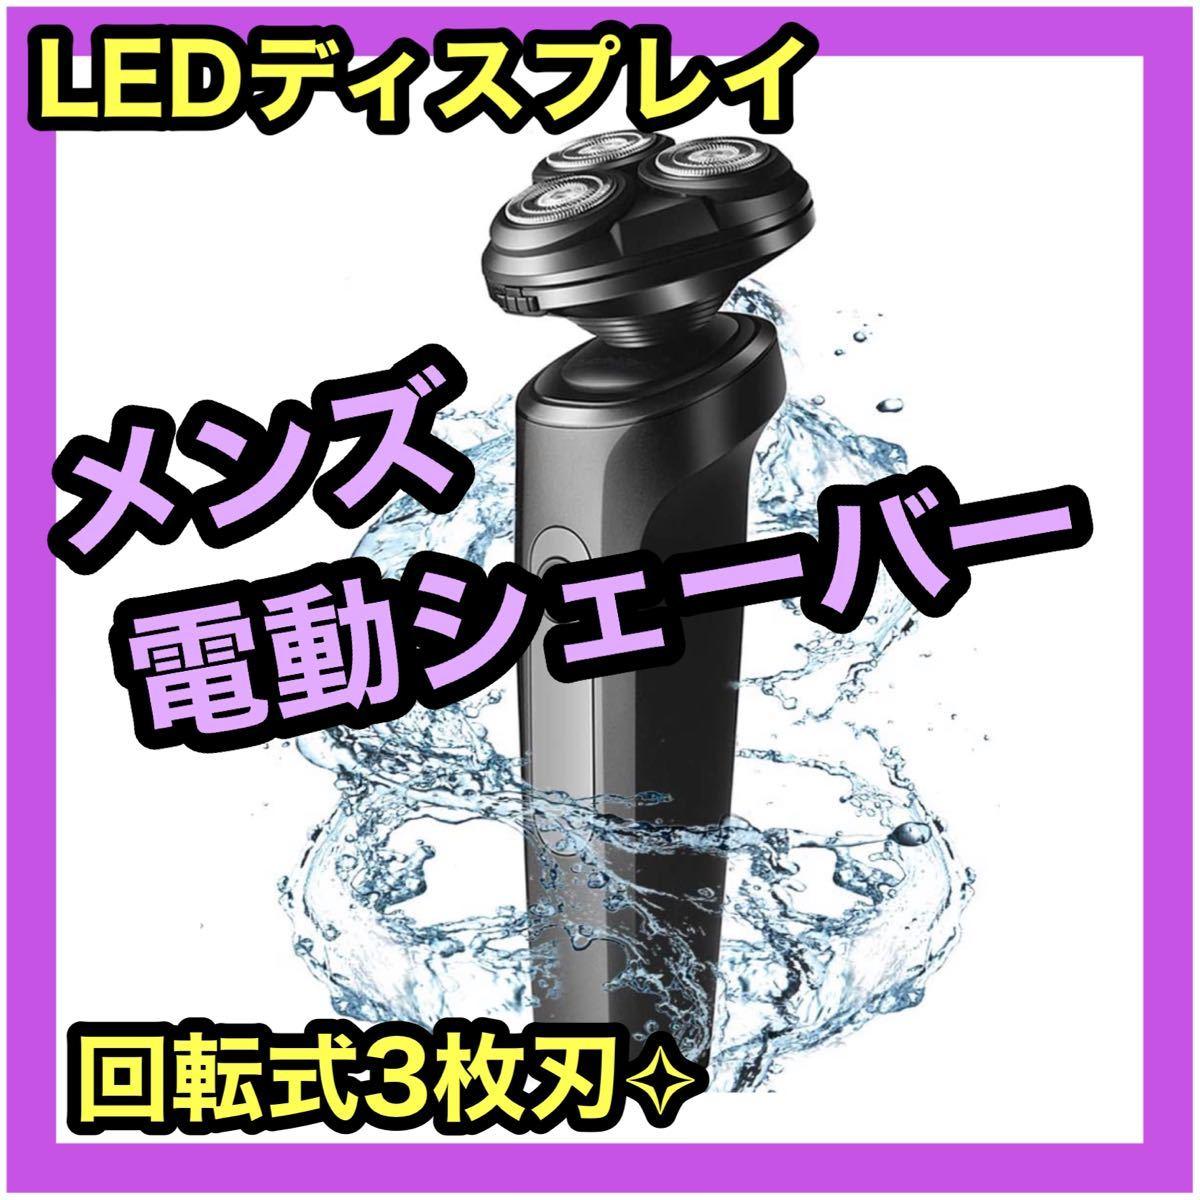 電動シェーバー 電動カミソリ ひげそり メンズ 回転式3枚刃 5D浮上刃 USB充電式 IPX7防水お風呂剃り可 丸洗い